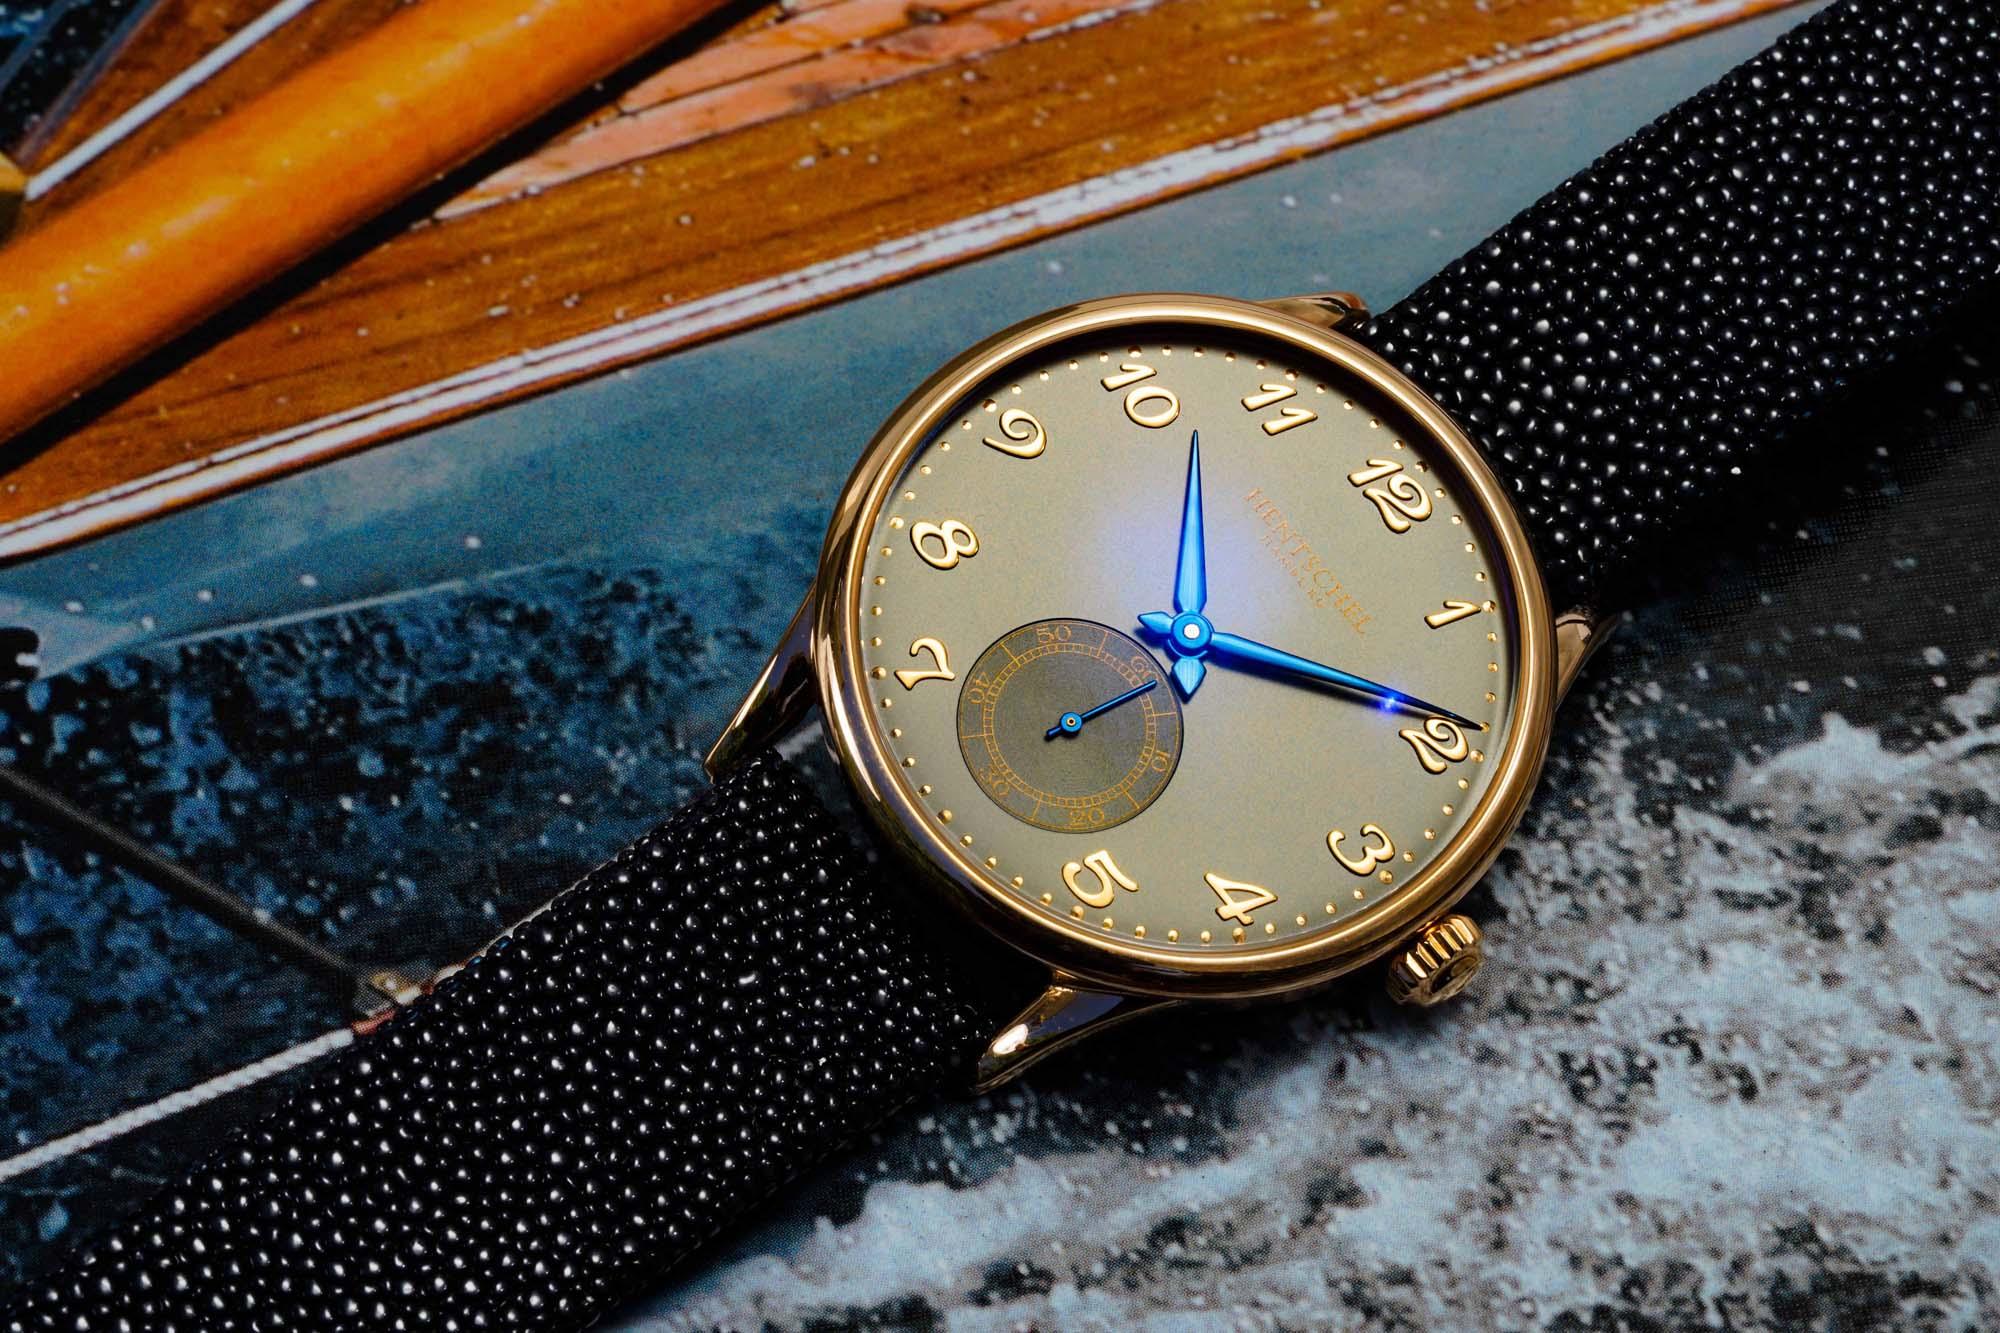 Hentschel Uhr Preis